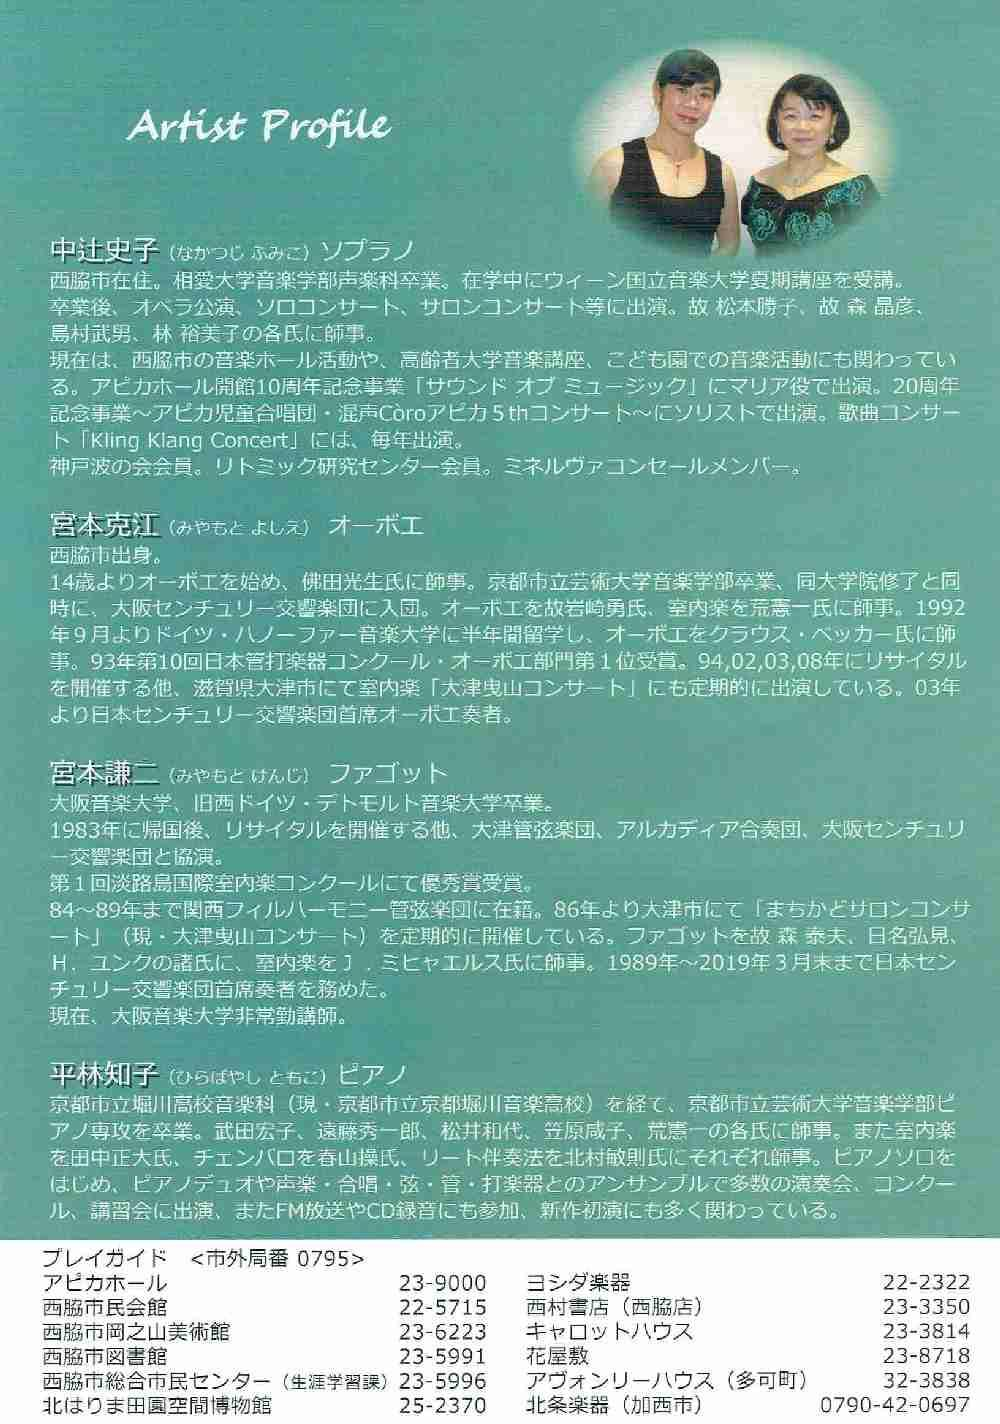 11/30 中辻史子(ソプラノ)&宮本克枝(オーボエ) ジョイントコンサート:アピカホール